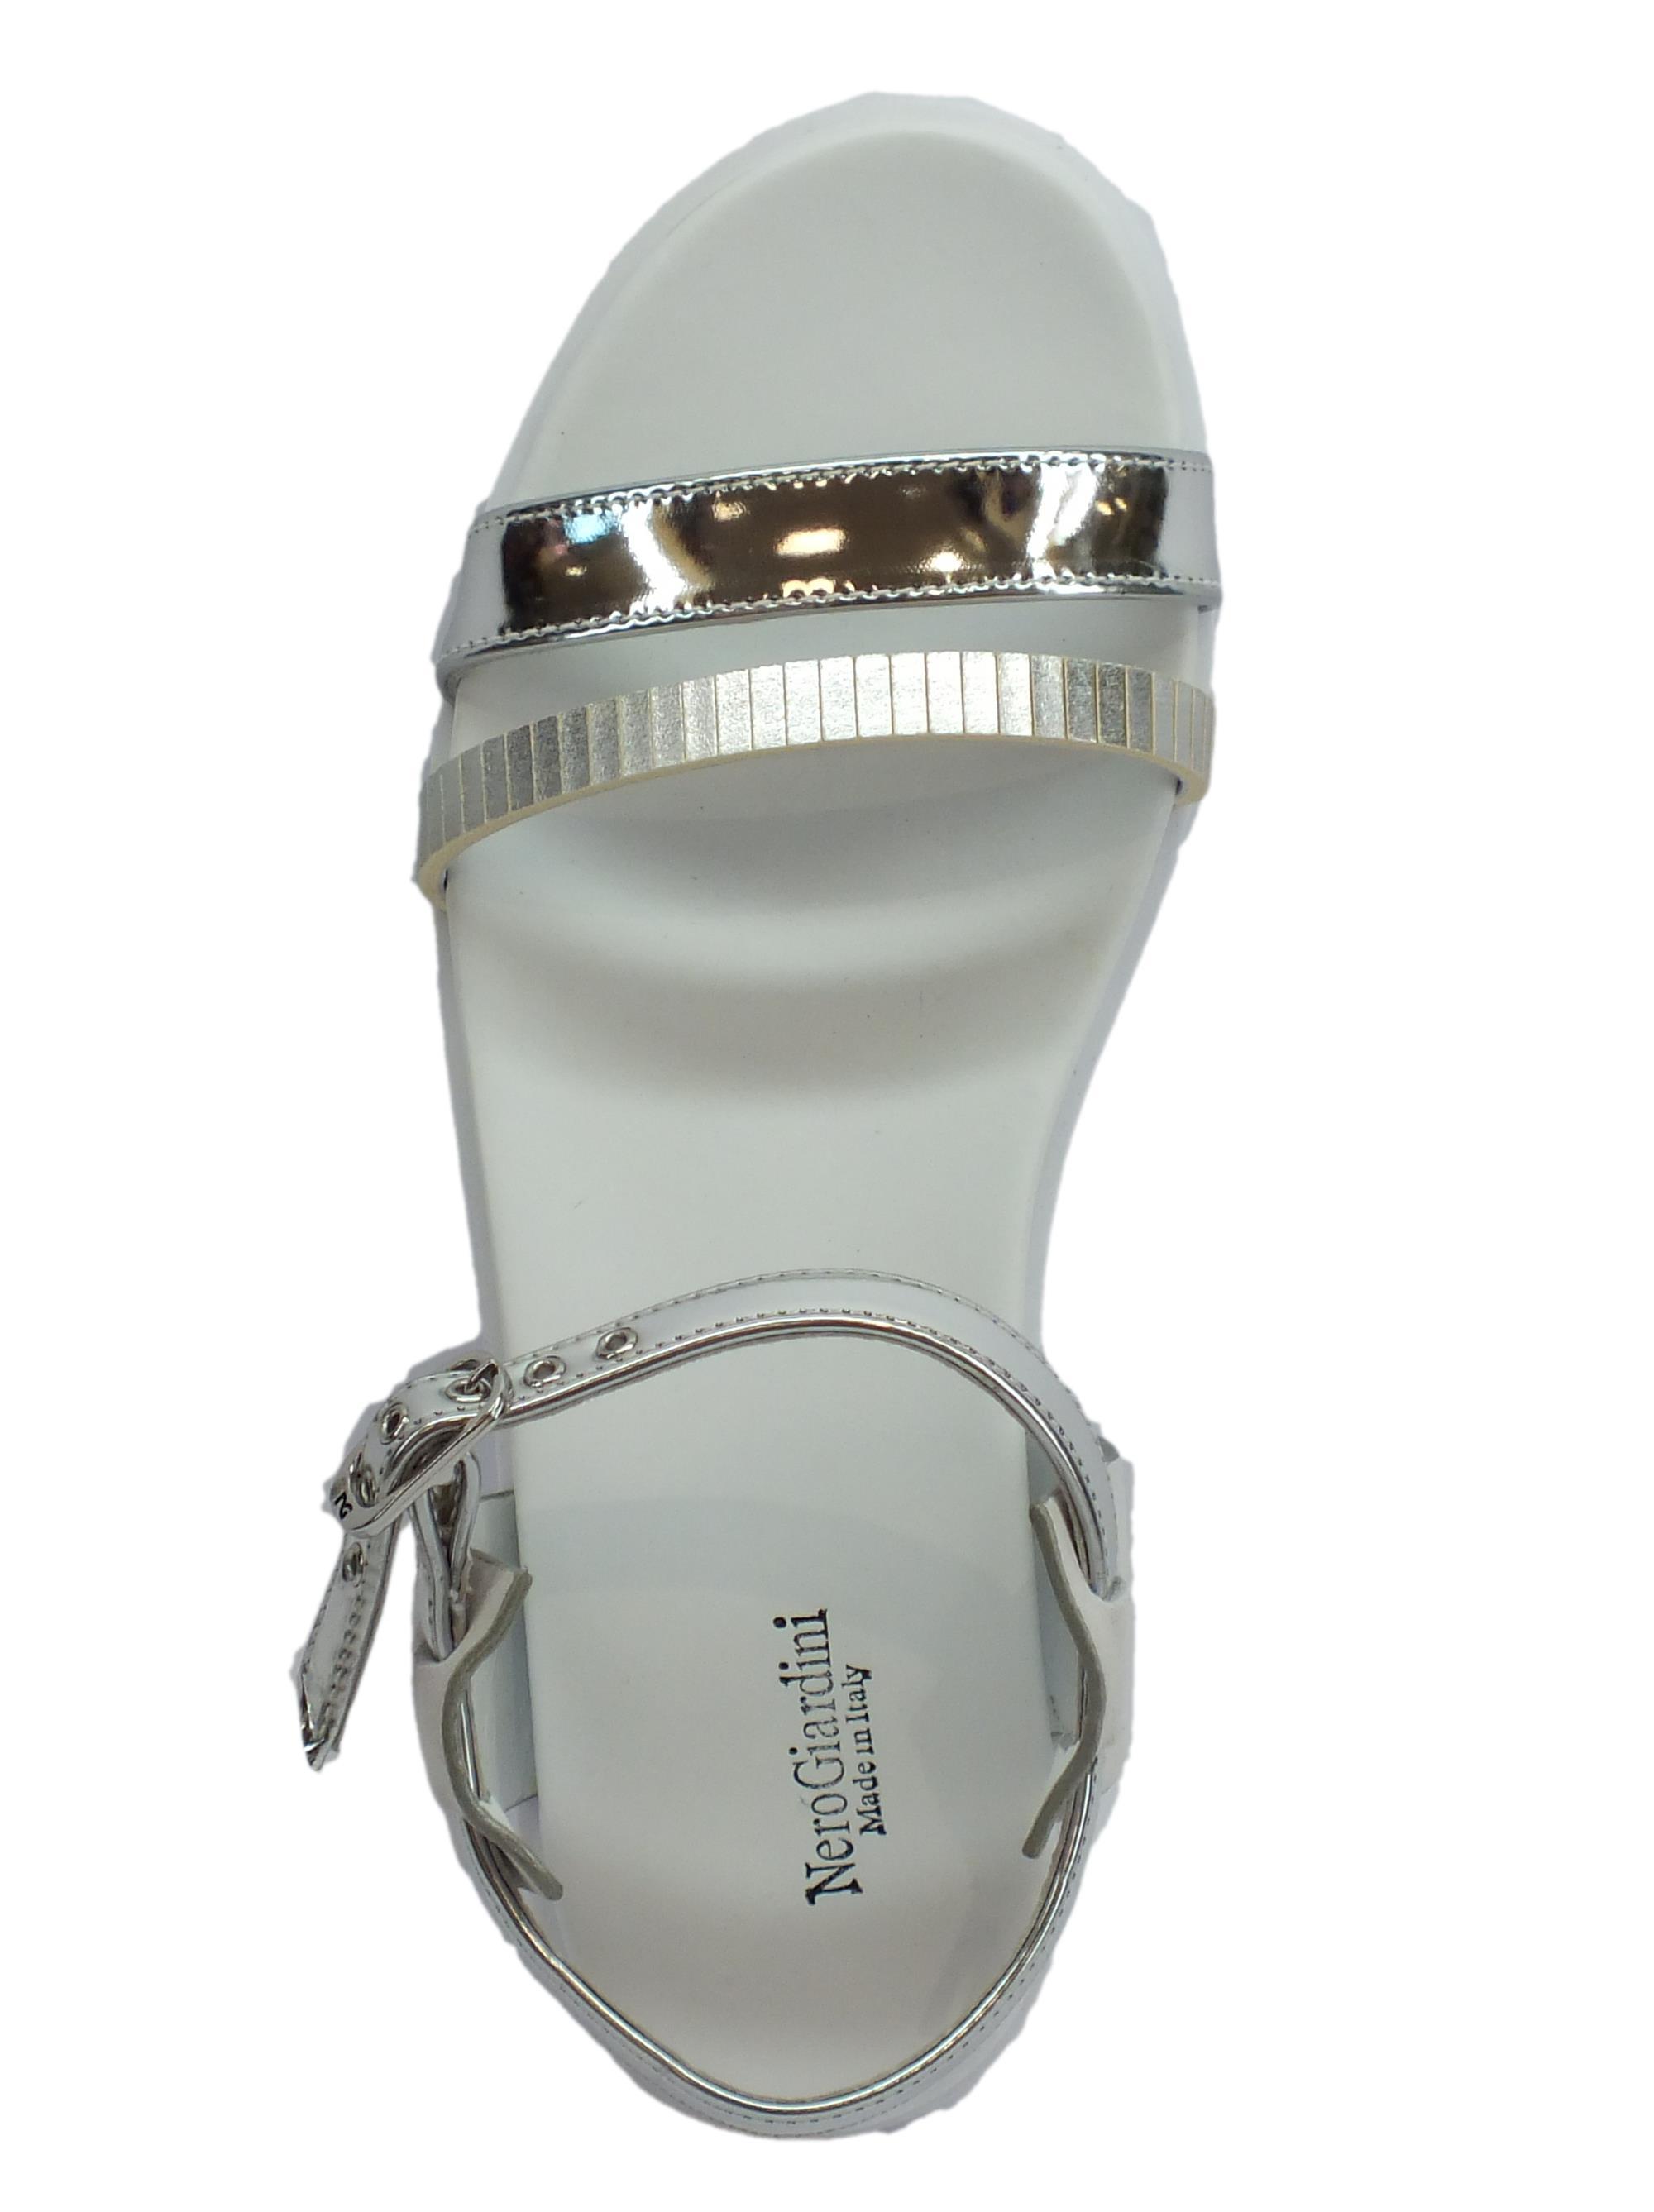 ... Sandali con zeppa NeroGiardini per donna in vernice argento zeppa bassa 1ad073c4141